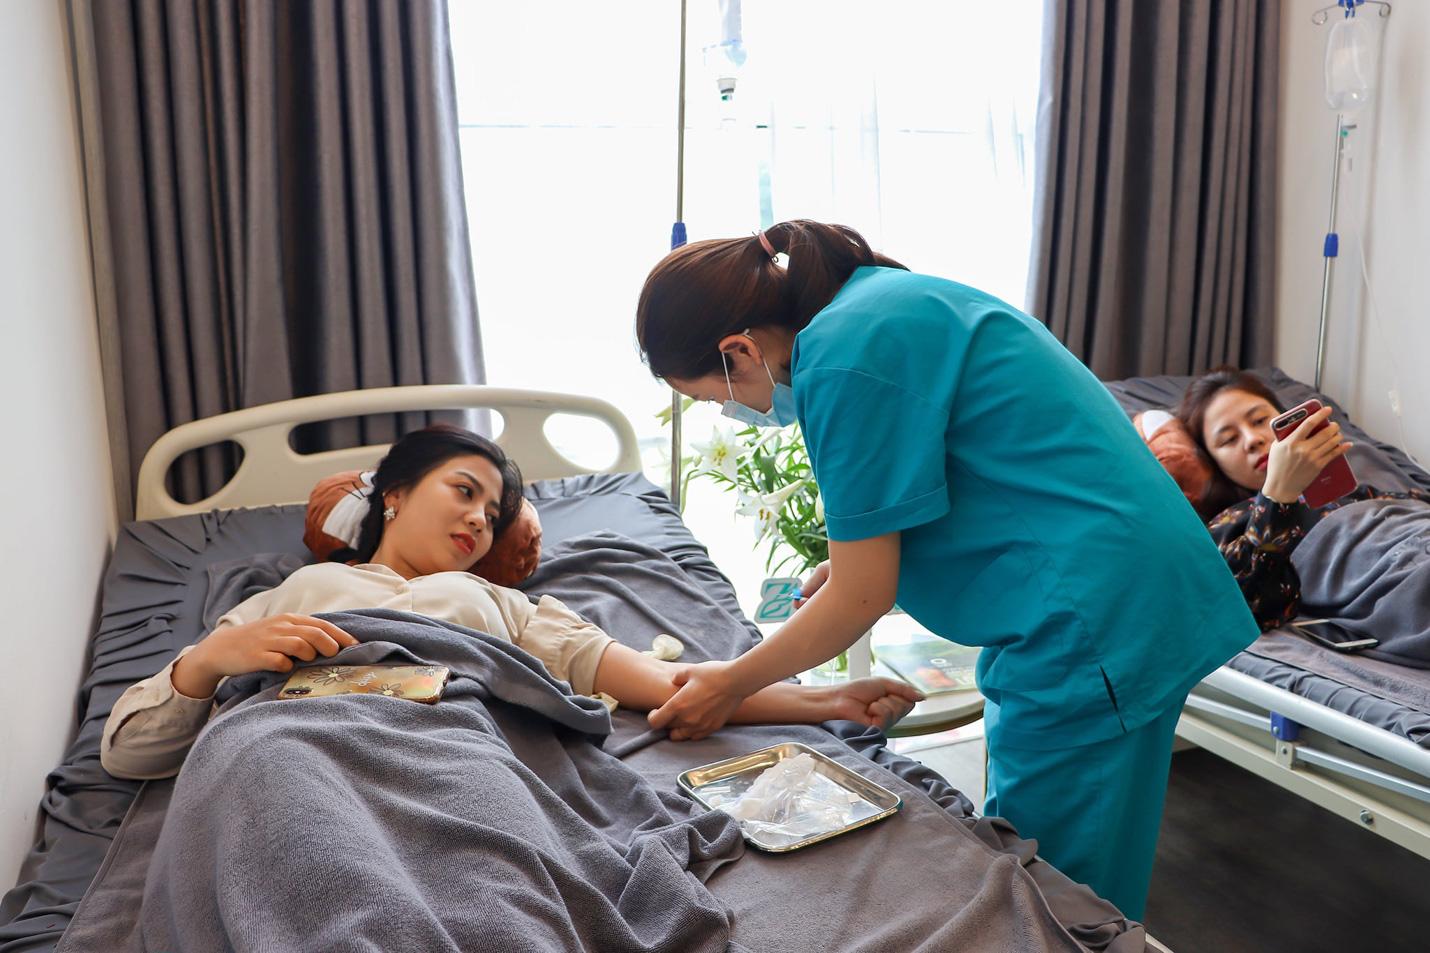 Zelda Beauty và hành trình nâng tầm nhan sắc Việt bằng thẩm mỹ chuẩn y khoa - Ảnh 1.